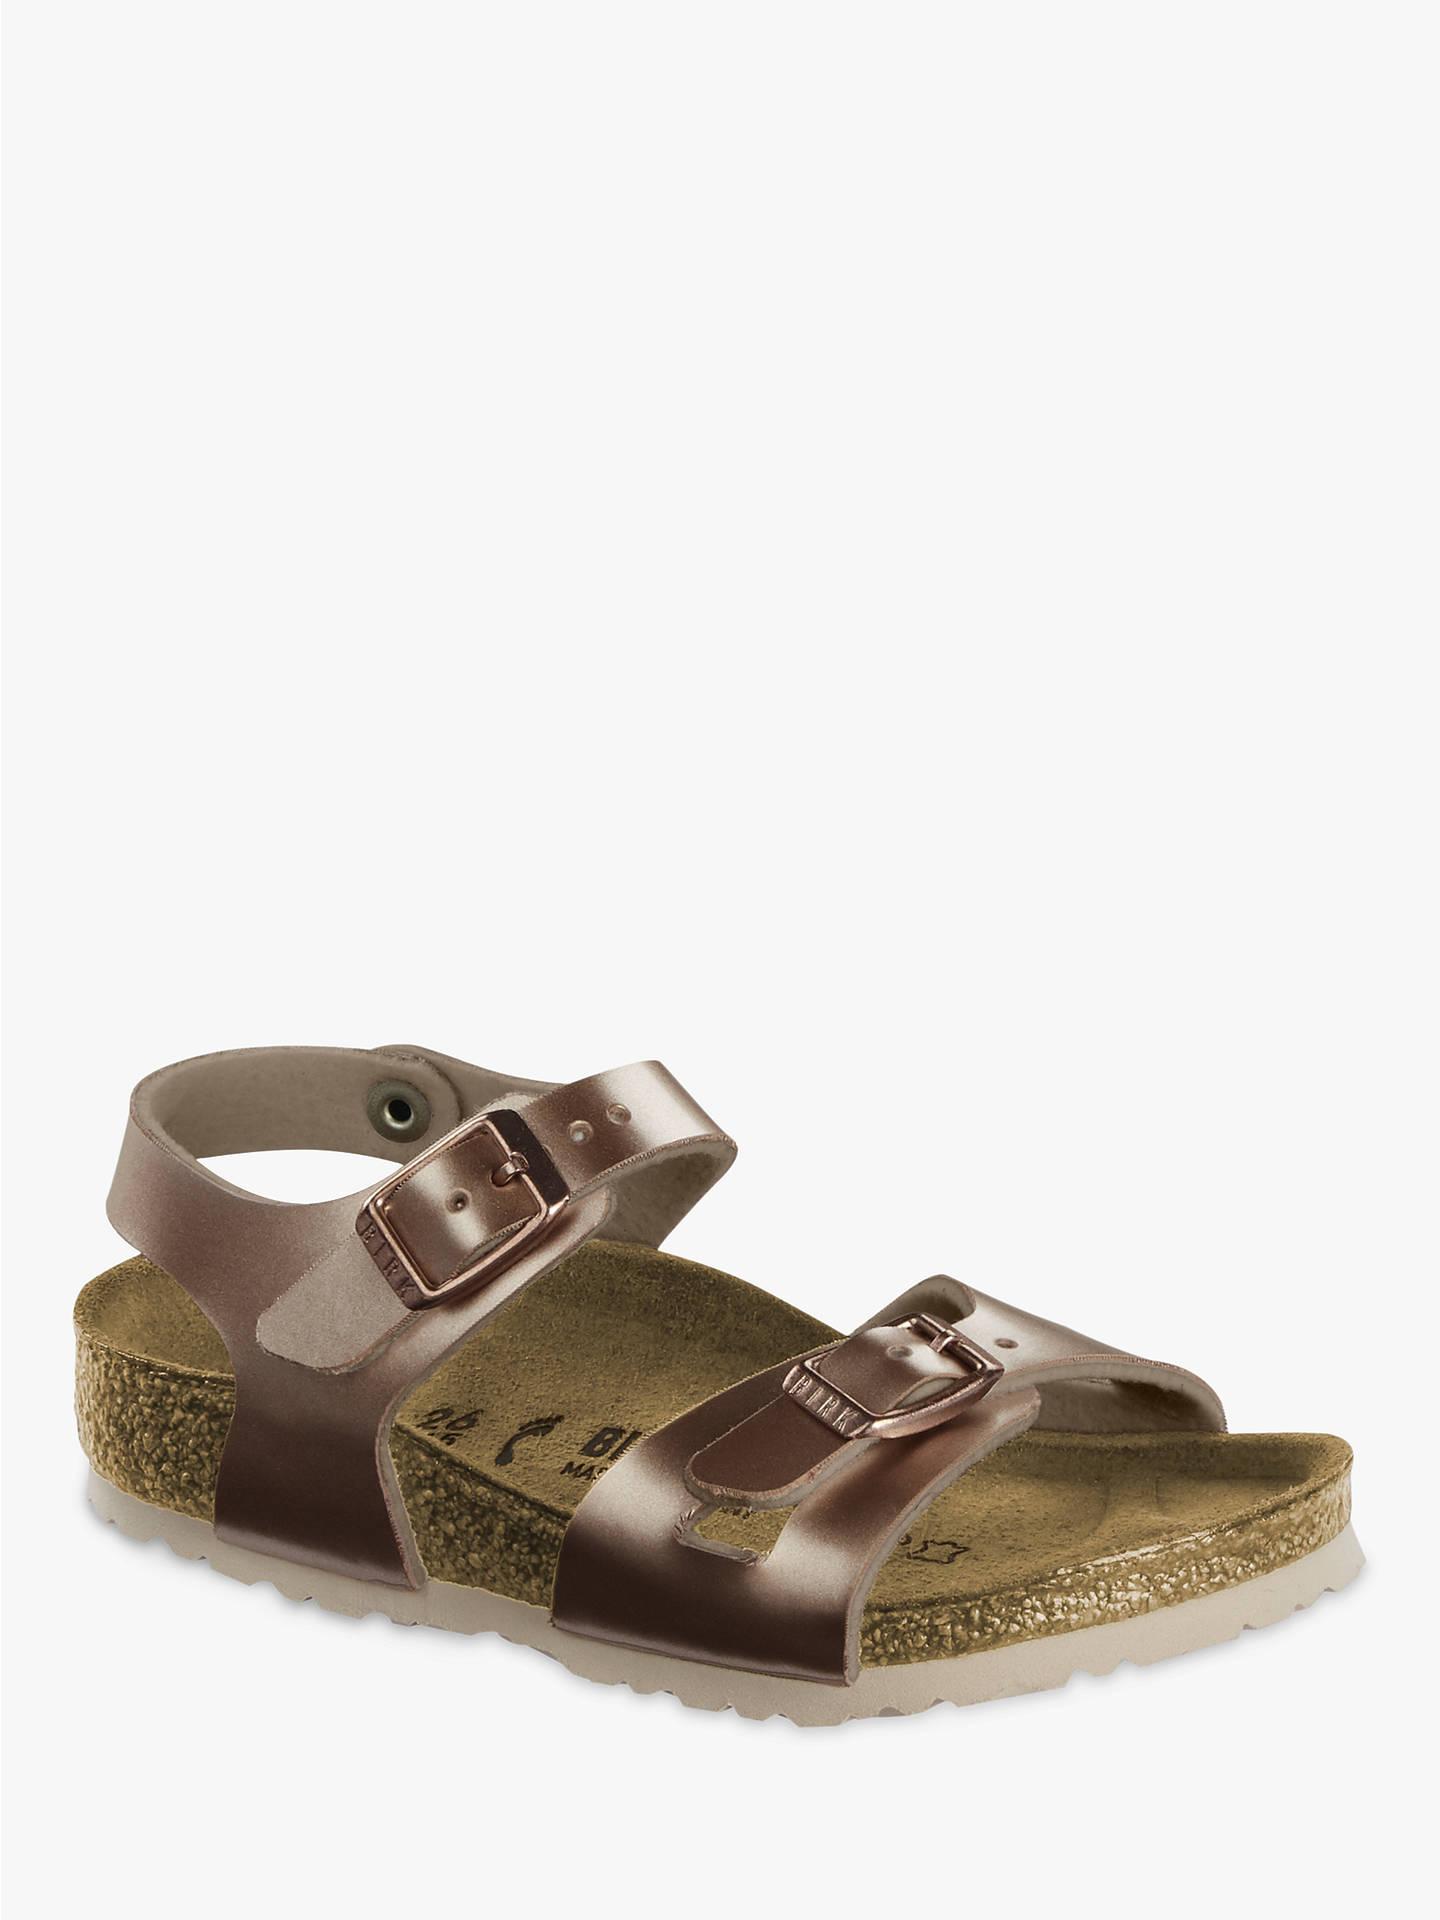 f365aa494 Buy Birkenstock Children's Rio Electric Metallic Buckle Sandals, Copper, 28  Online at johnlewis.